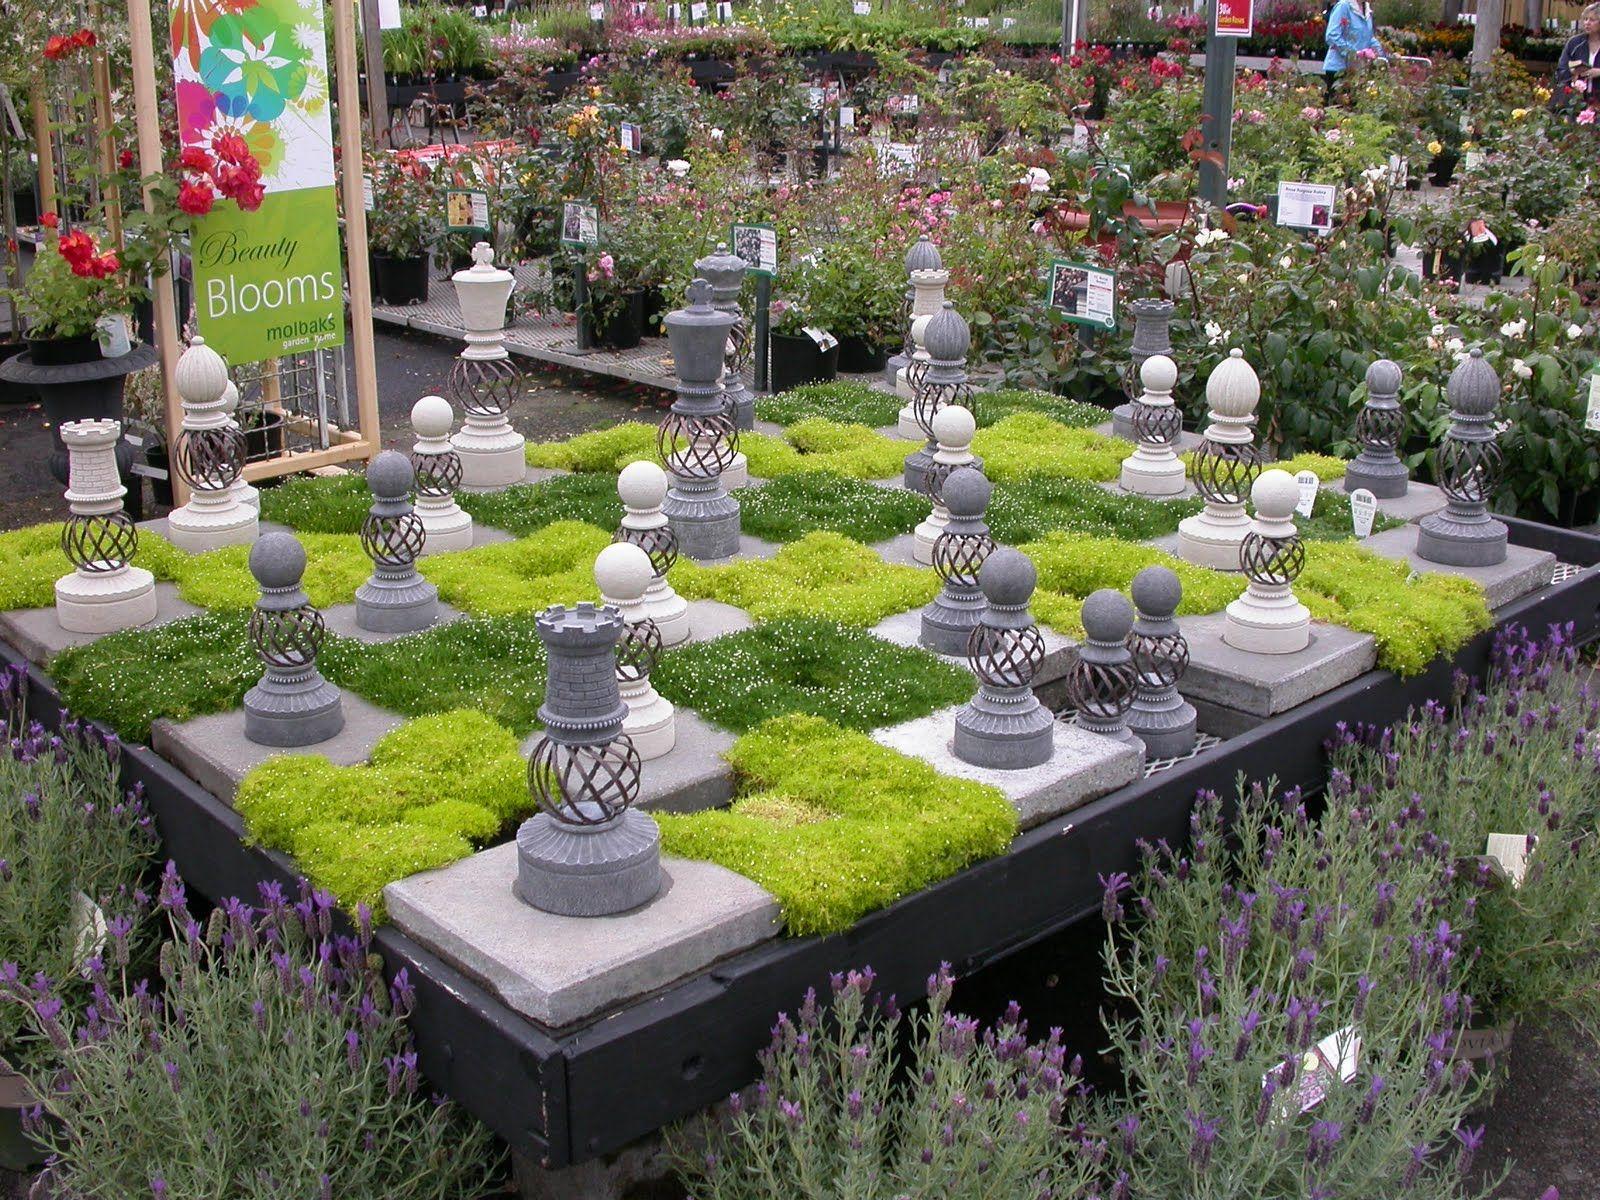 Bellevue Botanical Garden Garden Center Displays Garden Shop